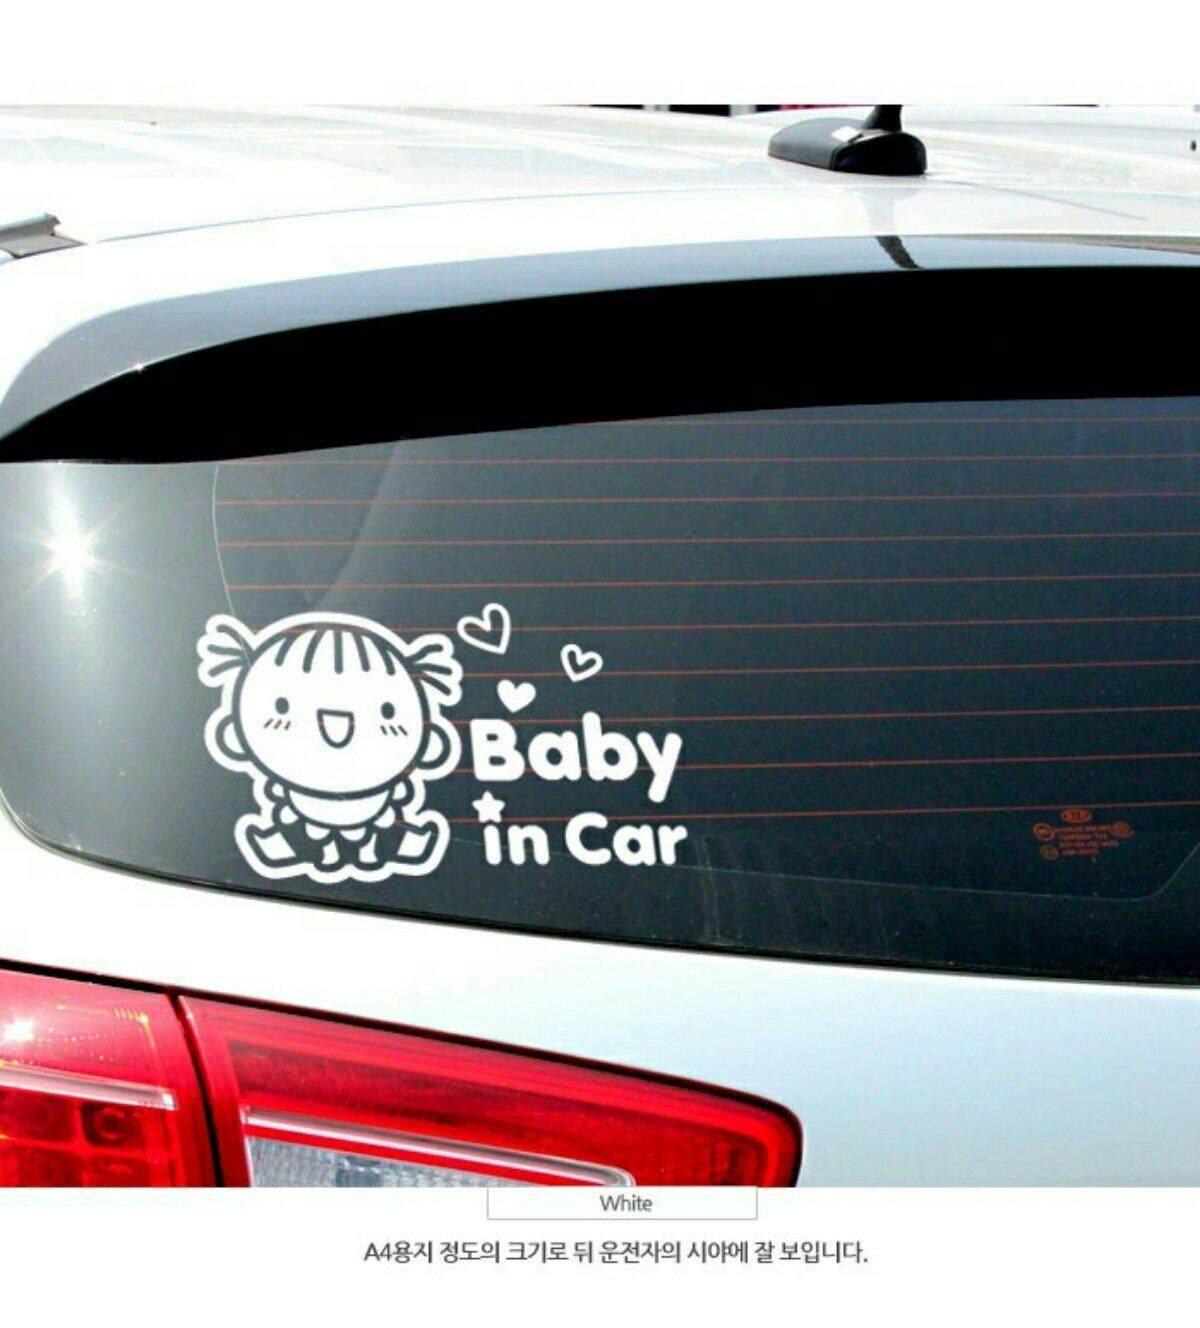 สติกเกอร์ติดรถ baby in car